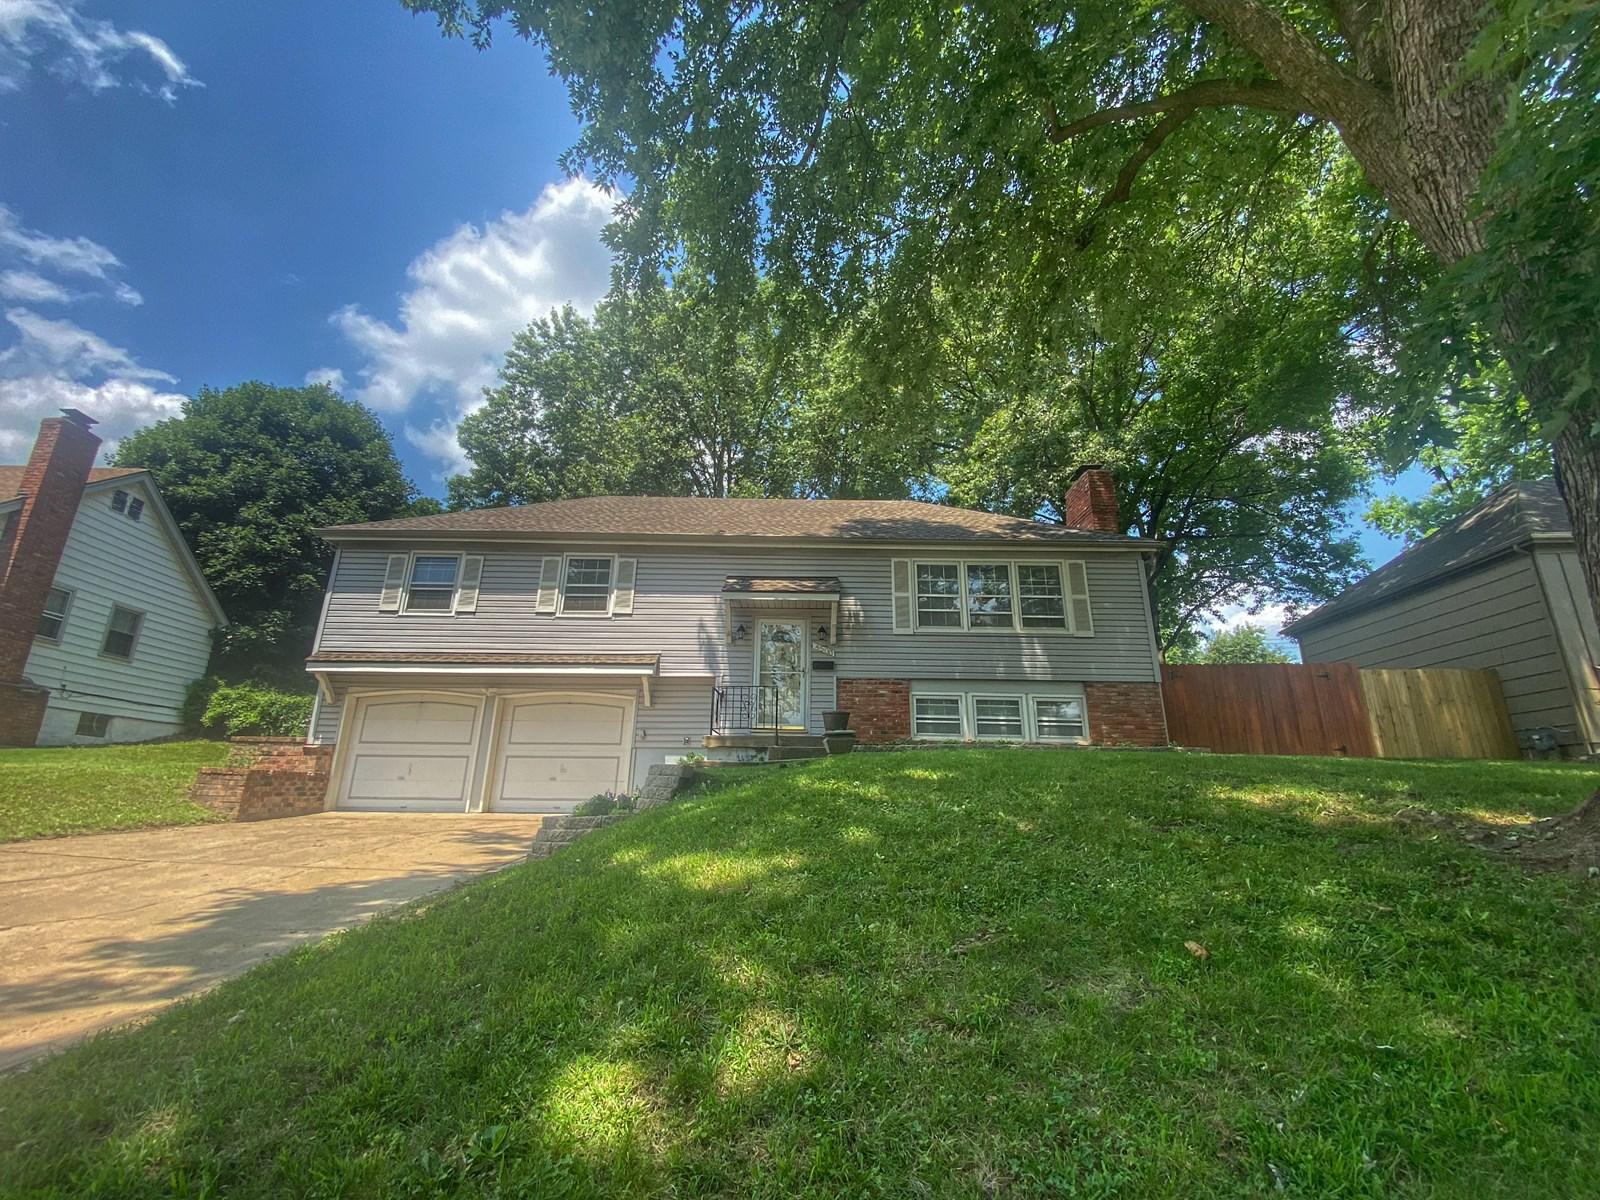 Home for Sale Kansas City MO